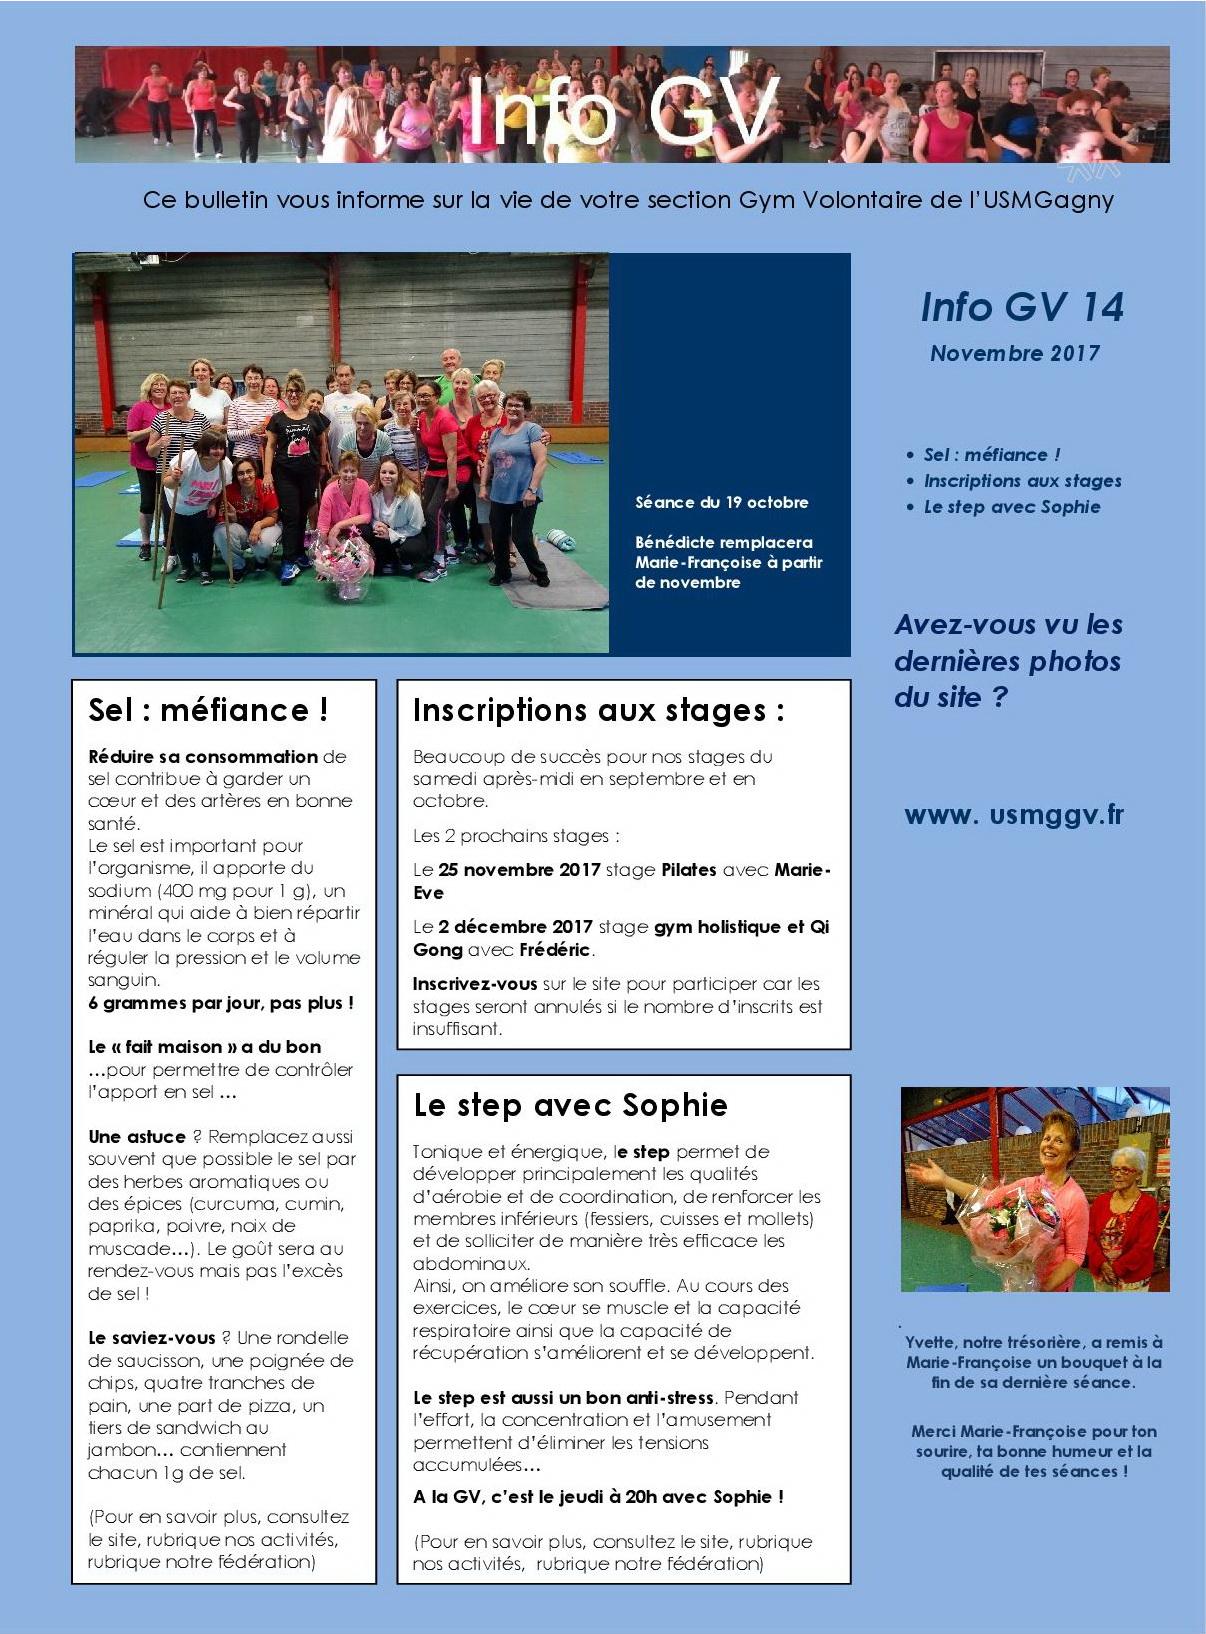 Info gv 14